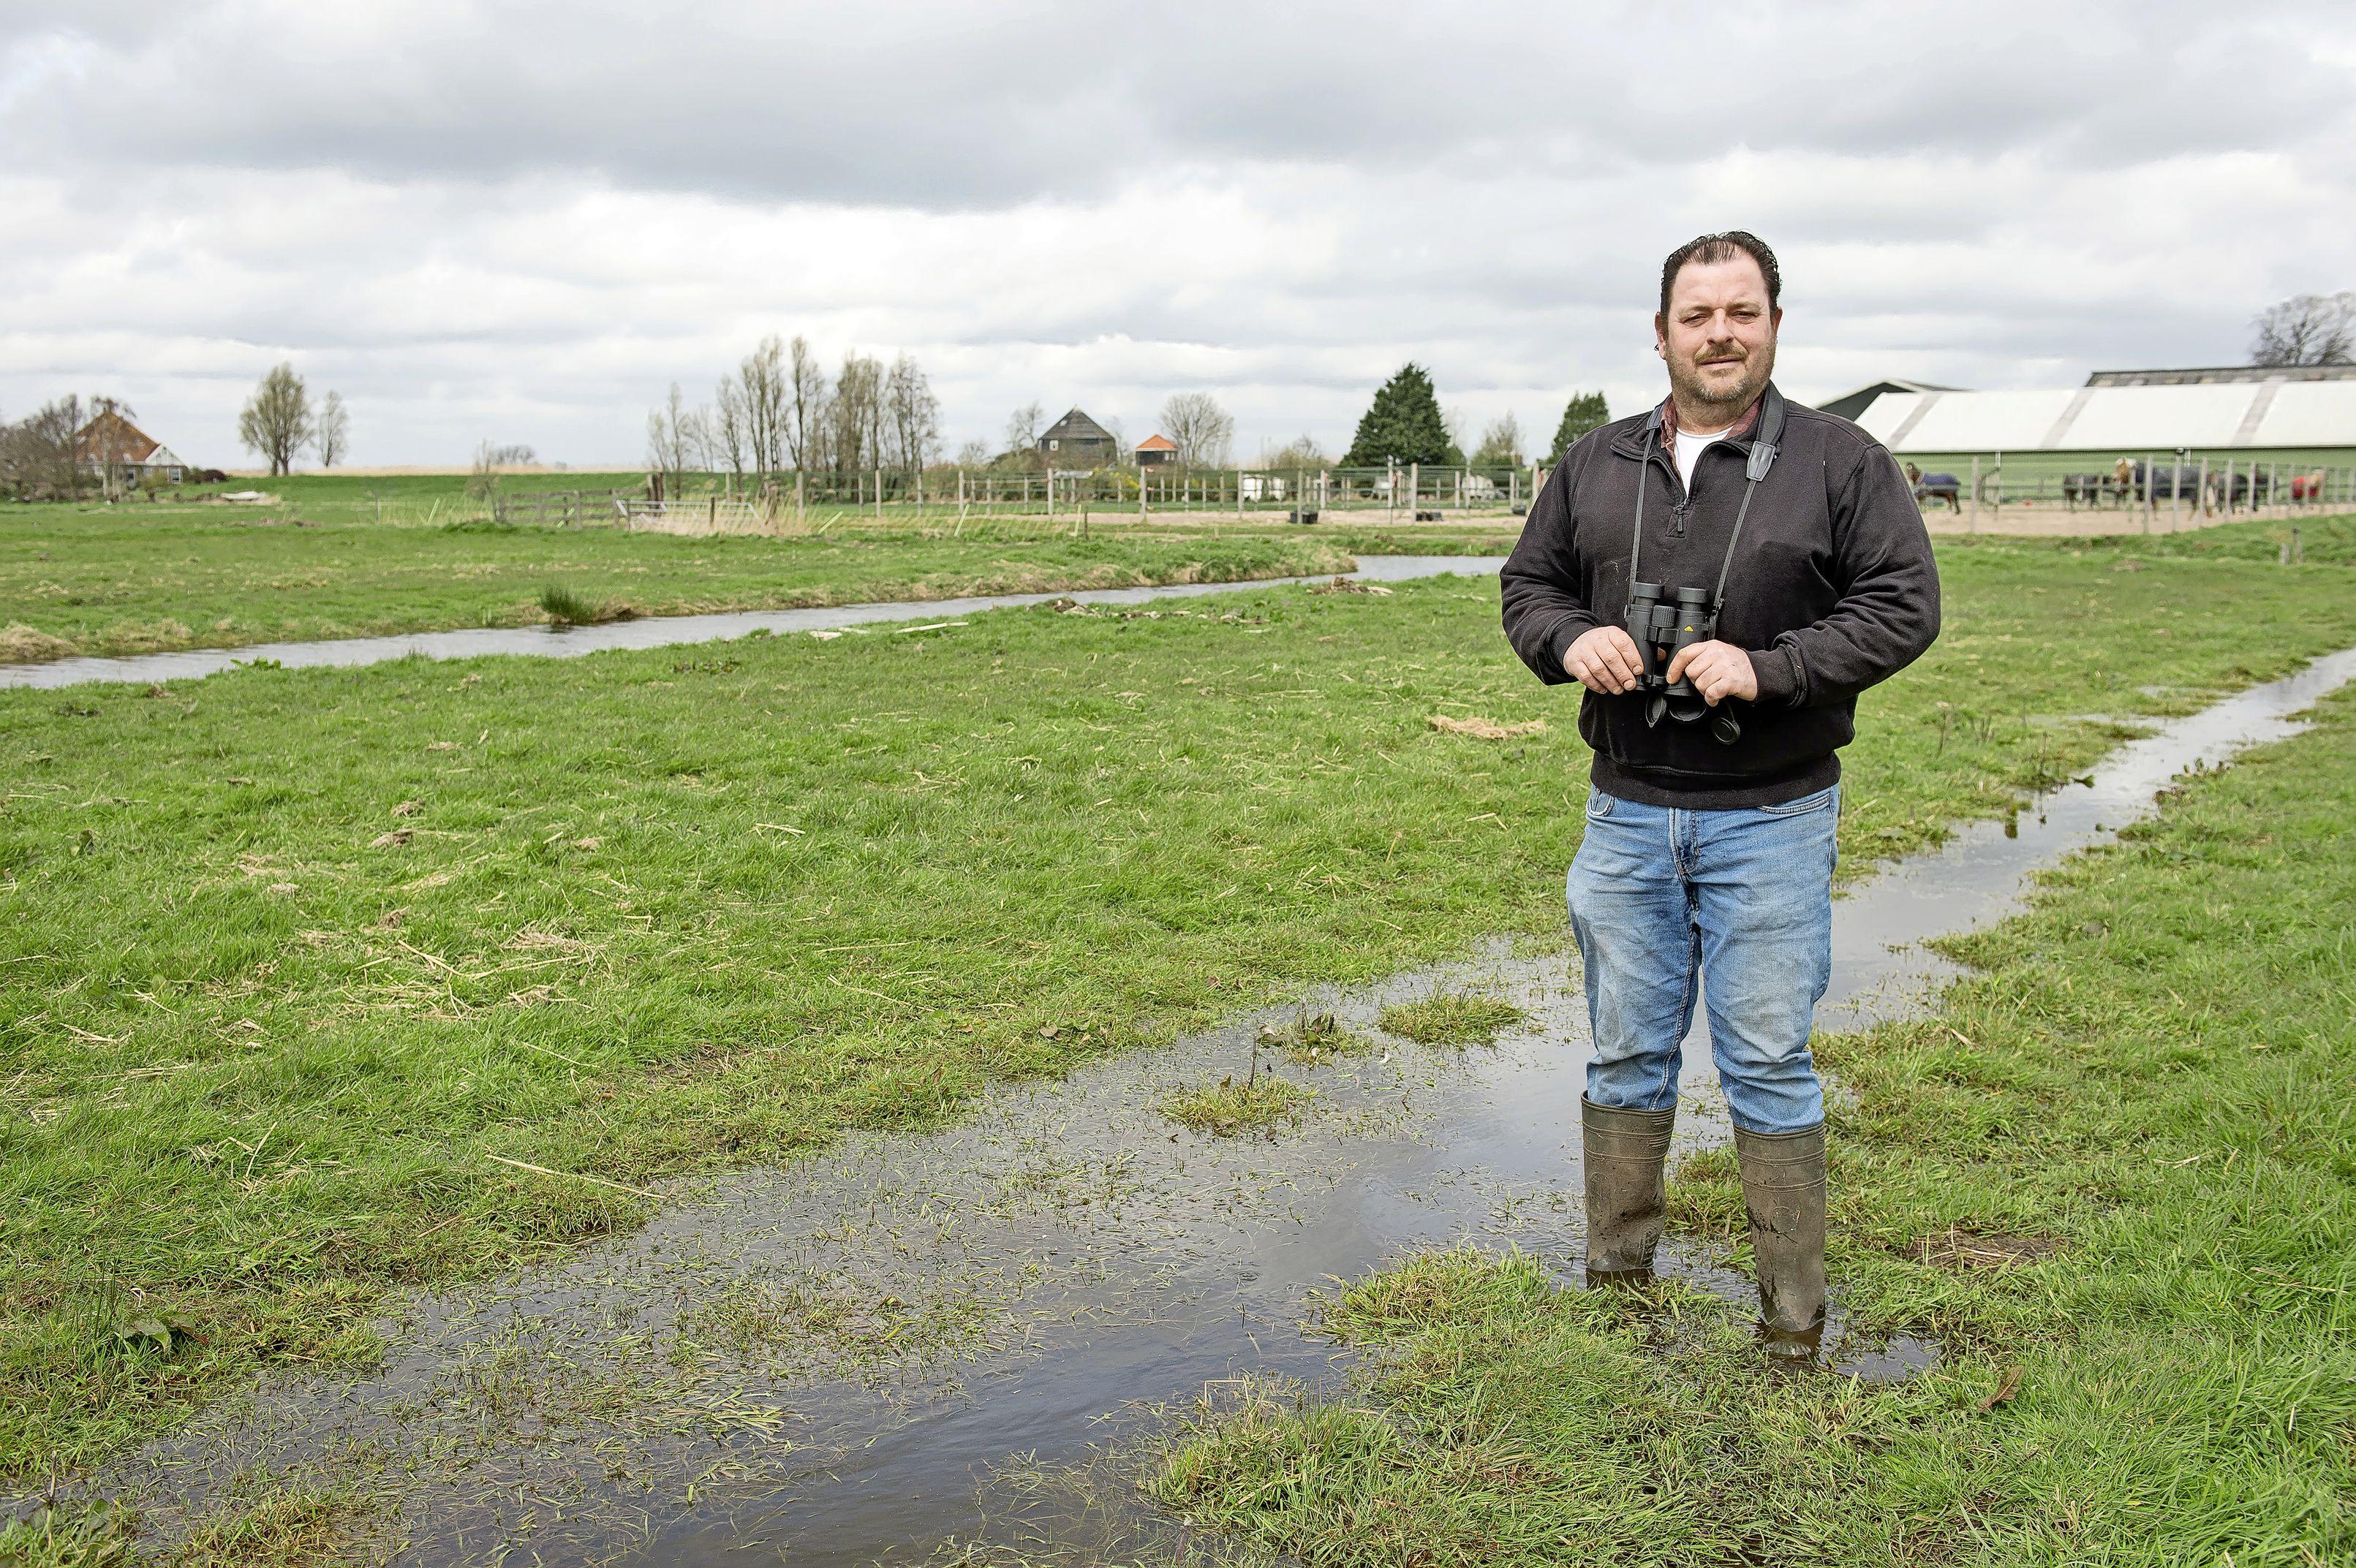 Alles draait om de pulletjes op deze weidevogelboerderij in Broek in Waterland: 'Meer water, minder bewerken, daar komt het op neer'